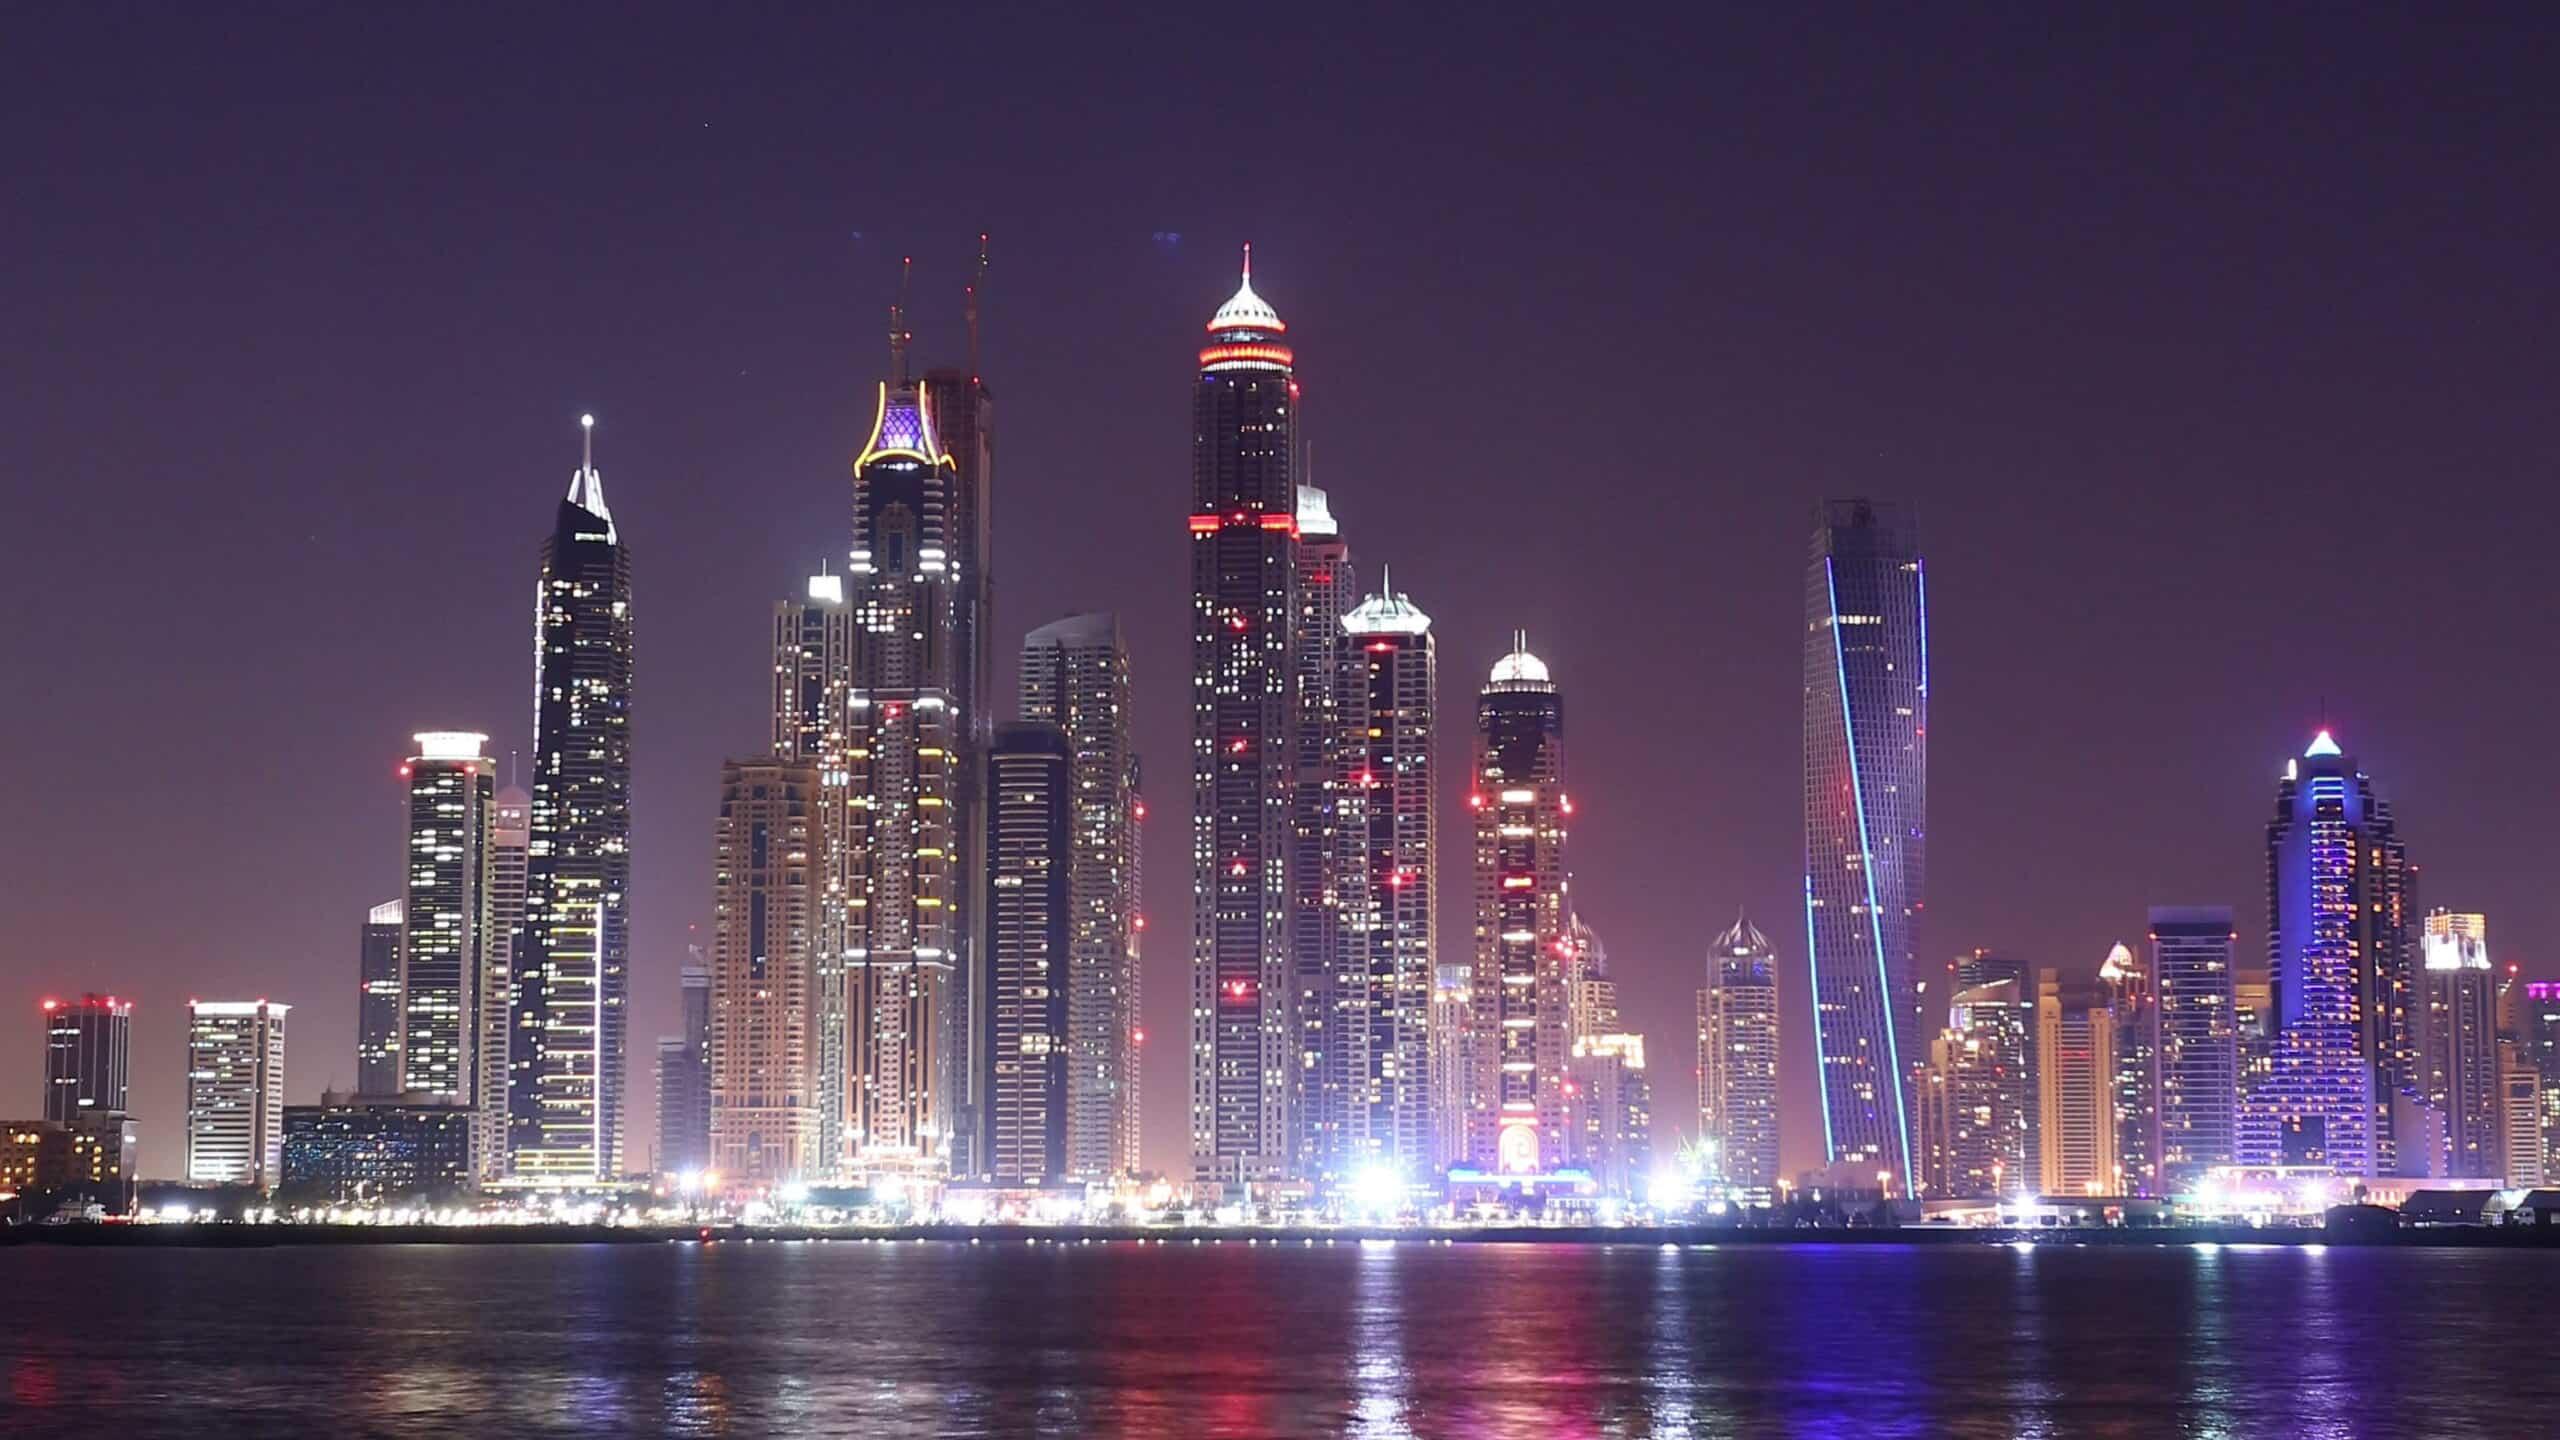 dubai-marina-footage-shutterstock-com-stock-footage-night-light-dubai-marina-panoramic-time-lapse-from-uae